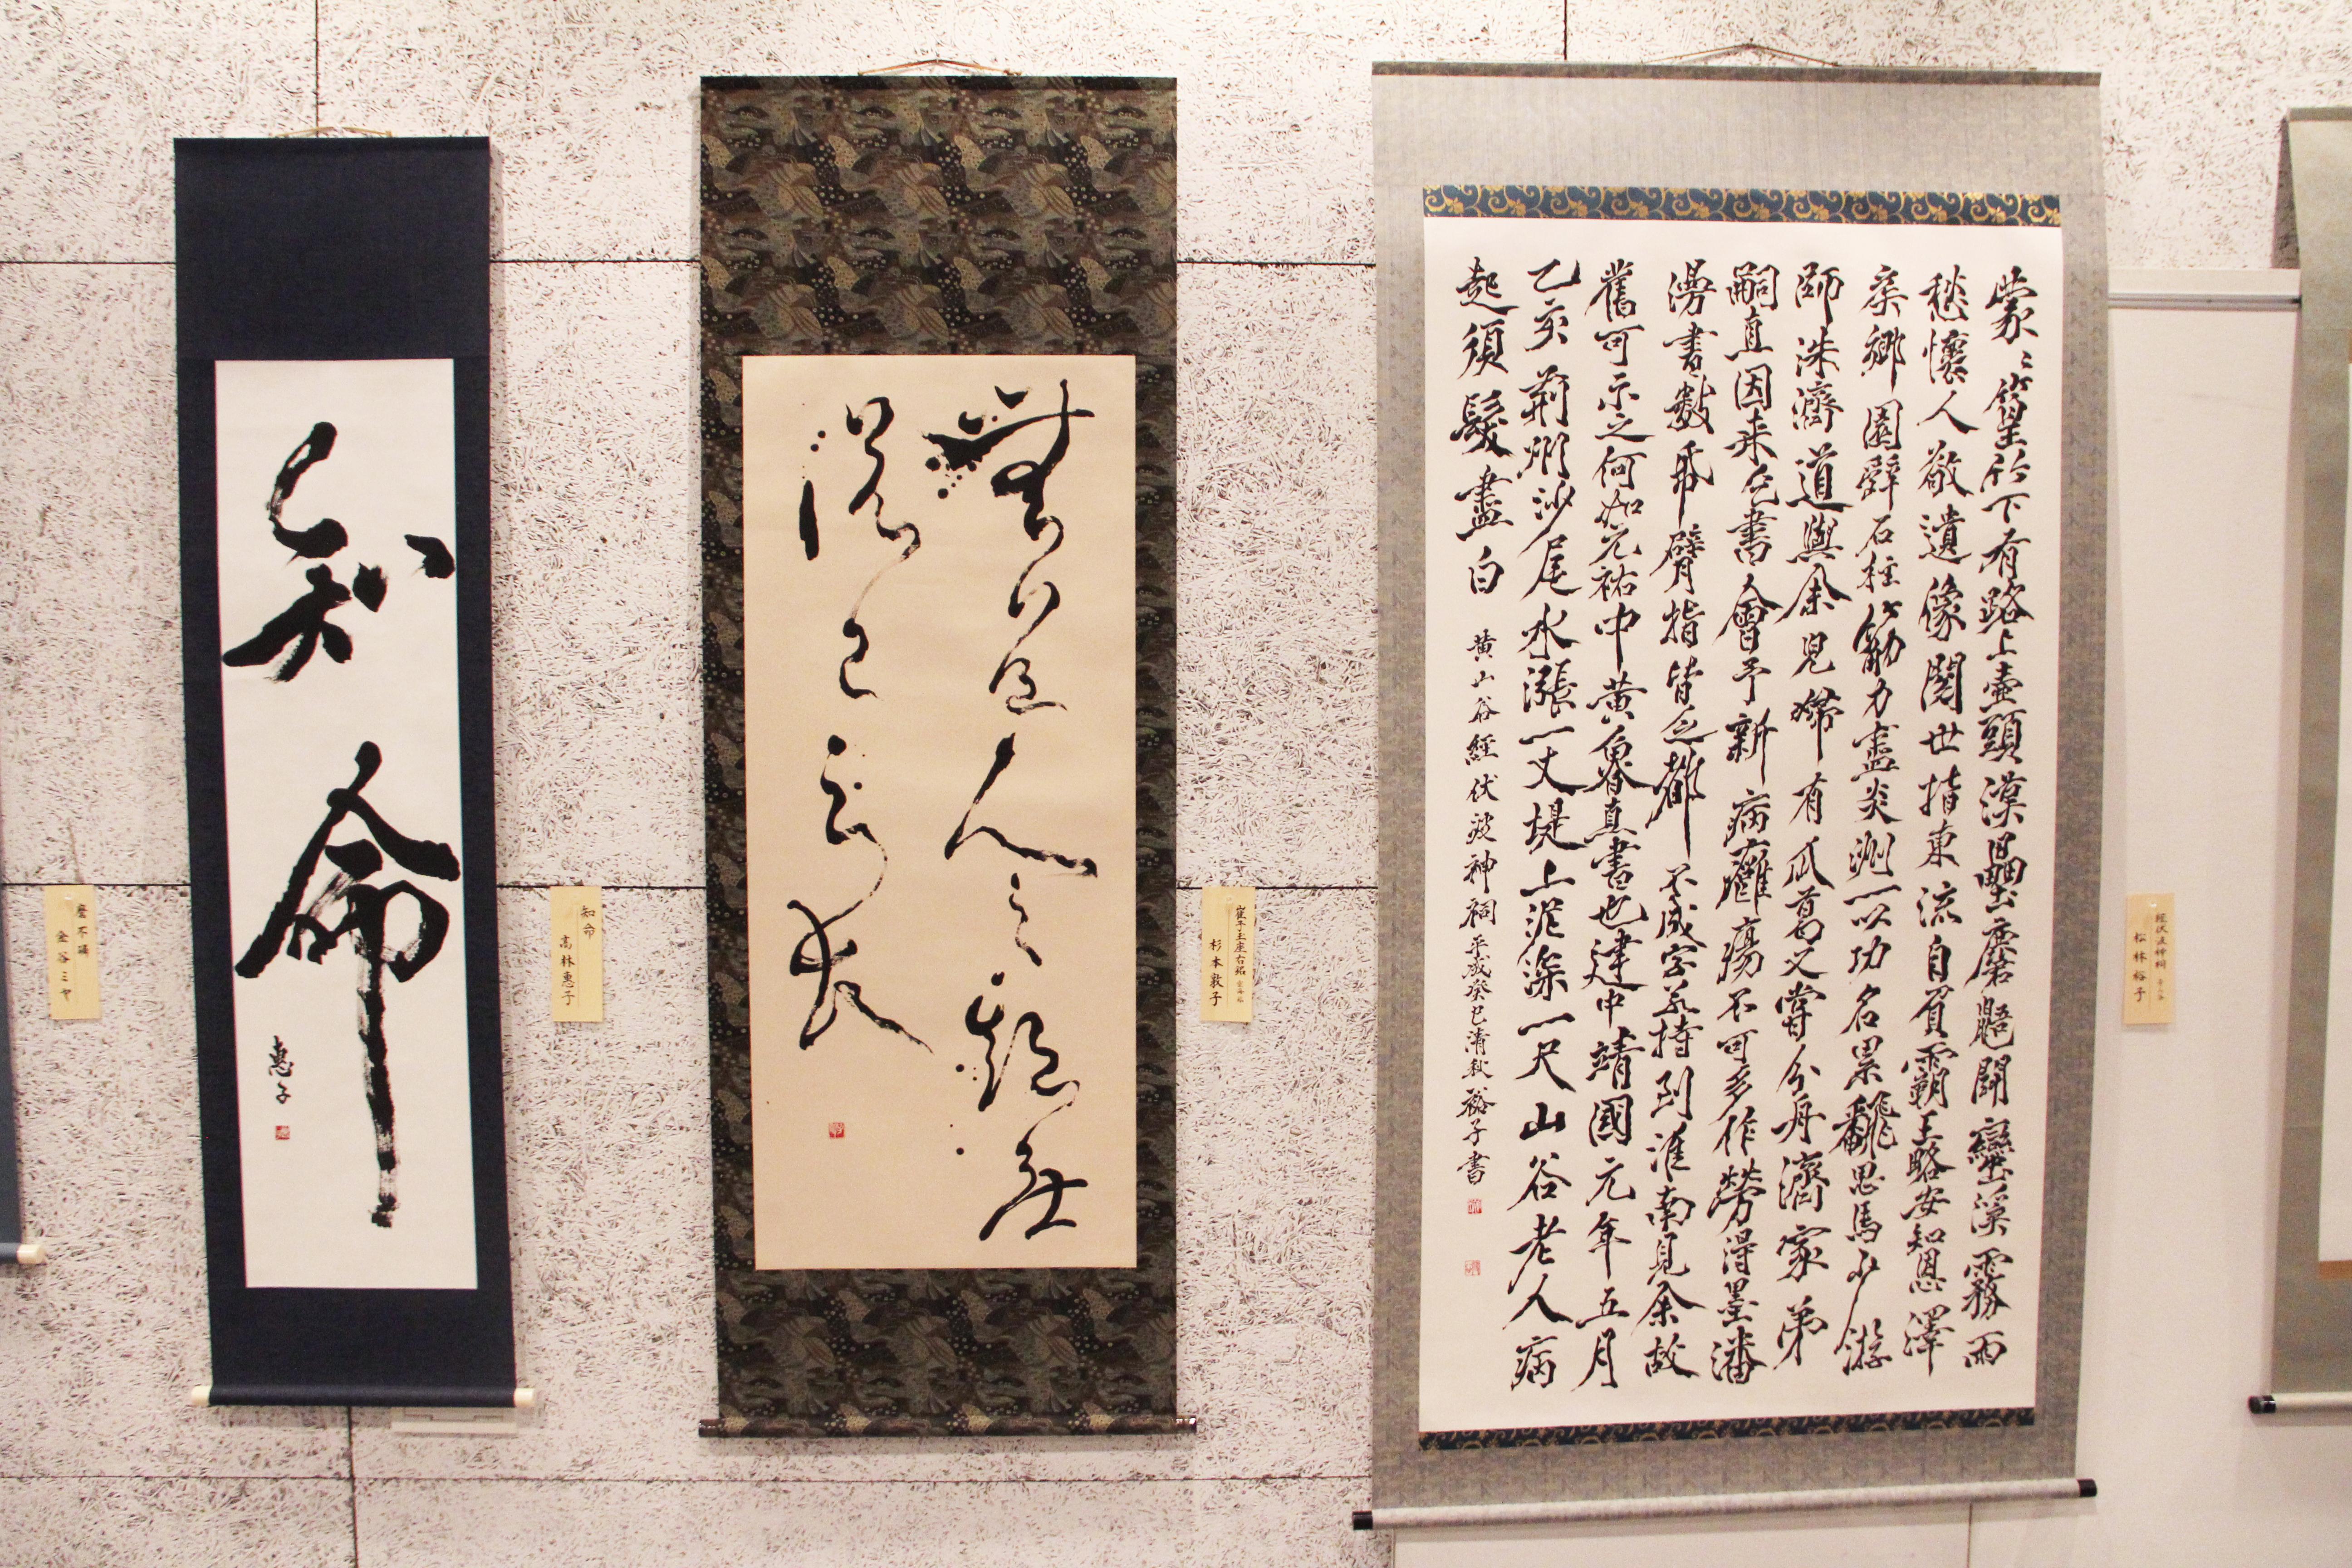 http://hacchi.jp/blog/upload/images/251024-1.JPG